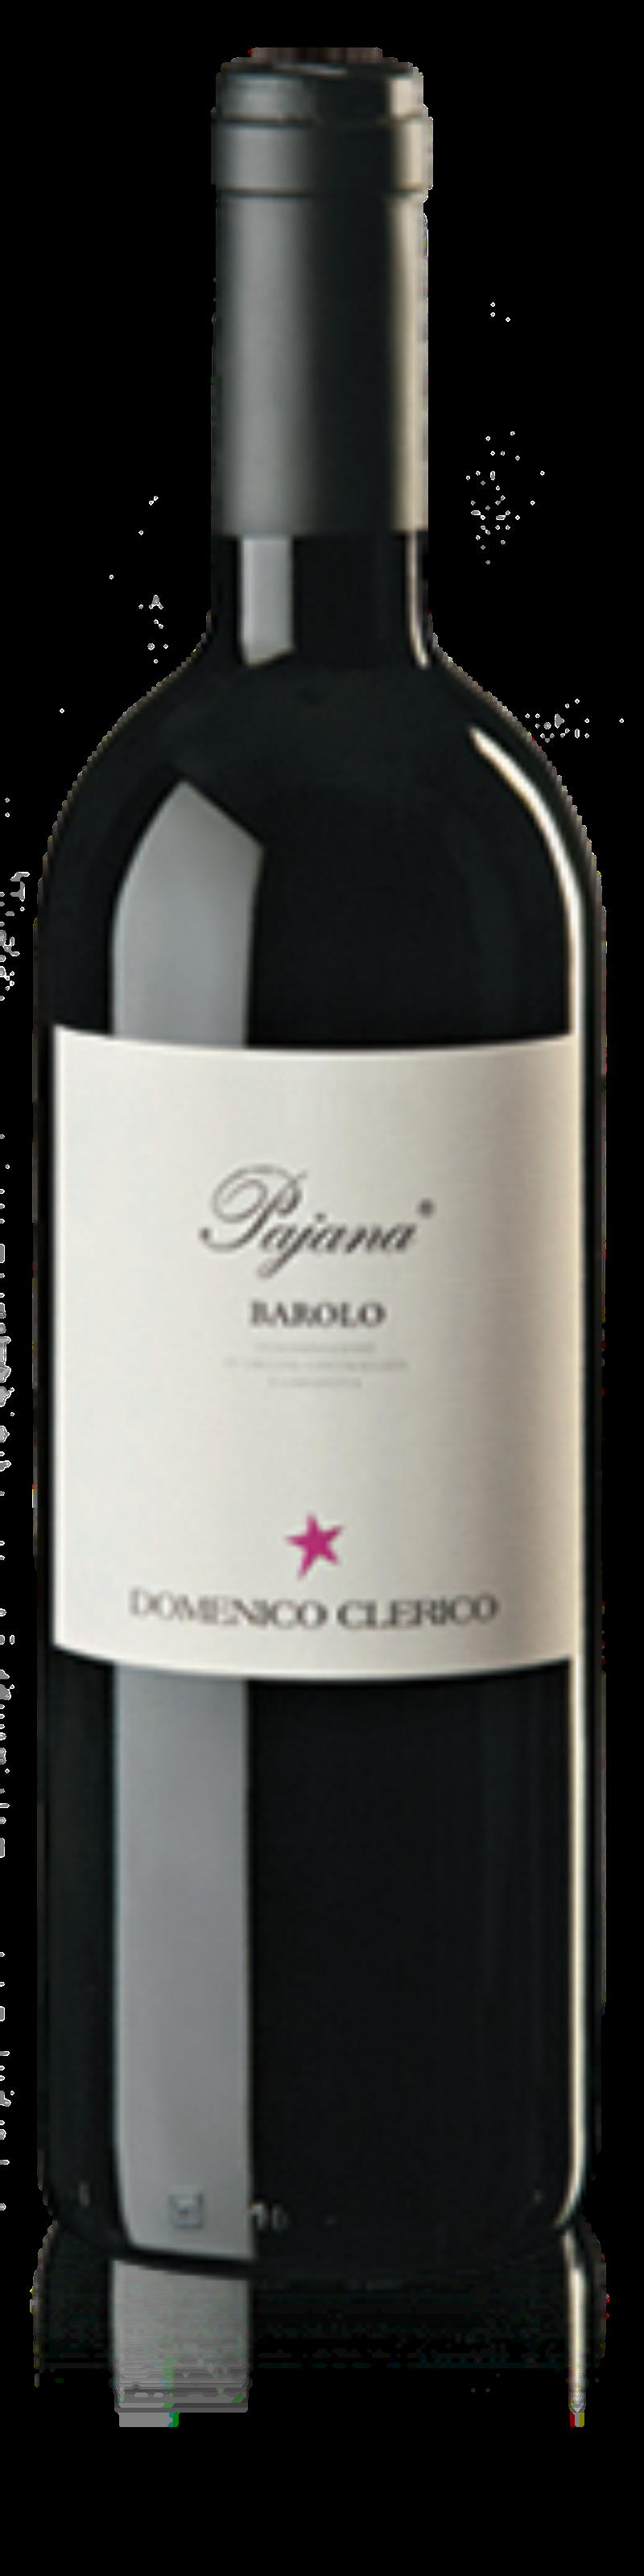 BAROLO-PAJANA-GINESTRA-CLERICO-2007-